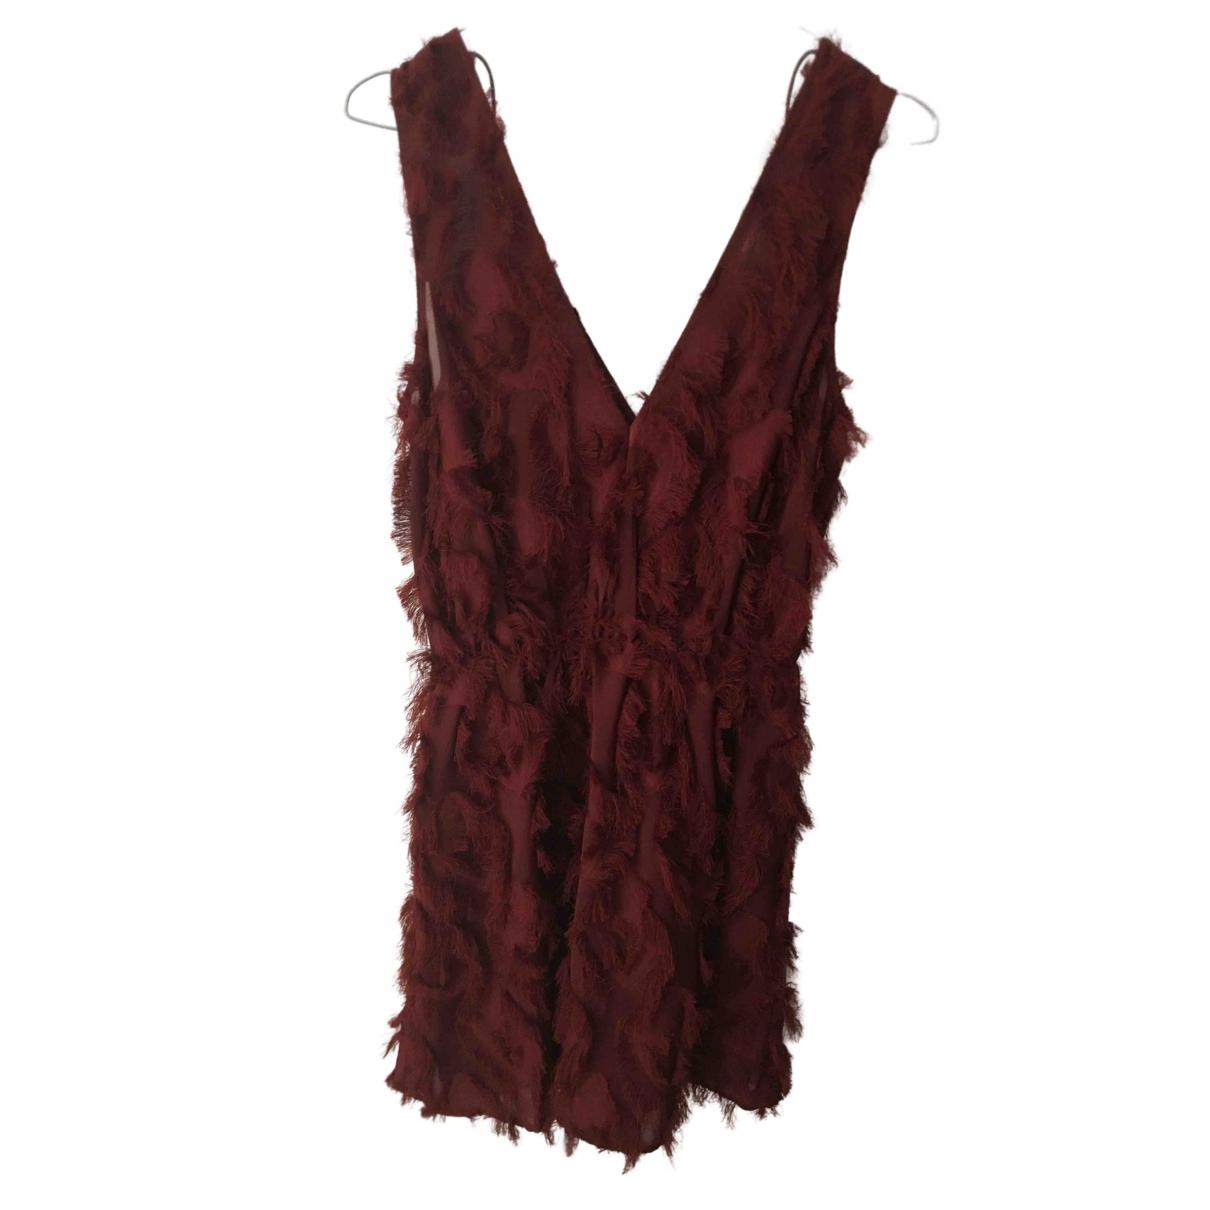 & Stories \N Burgundy dress for Women 6 US